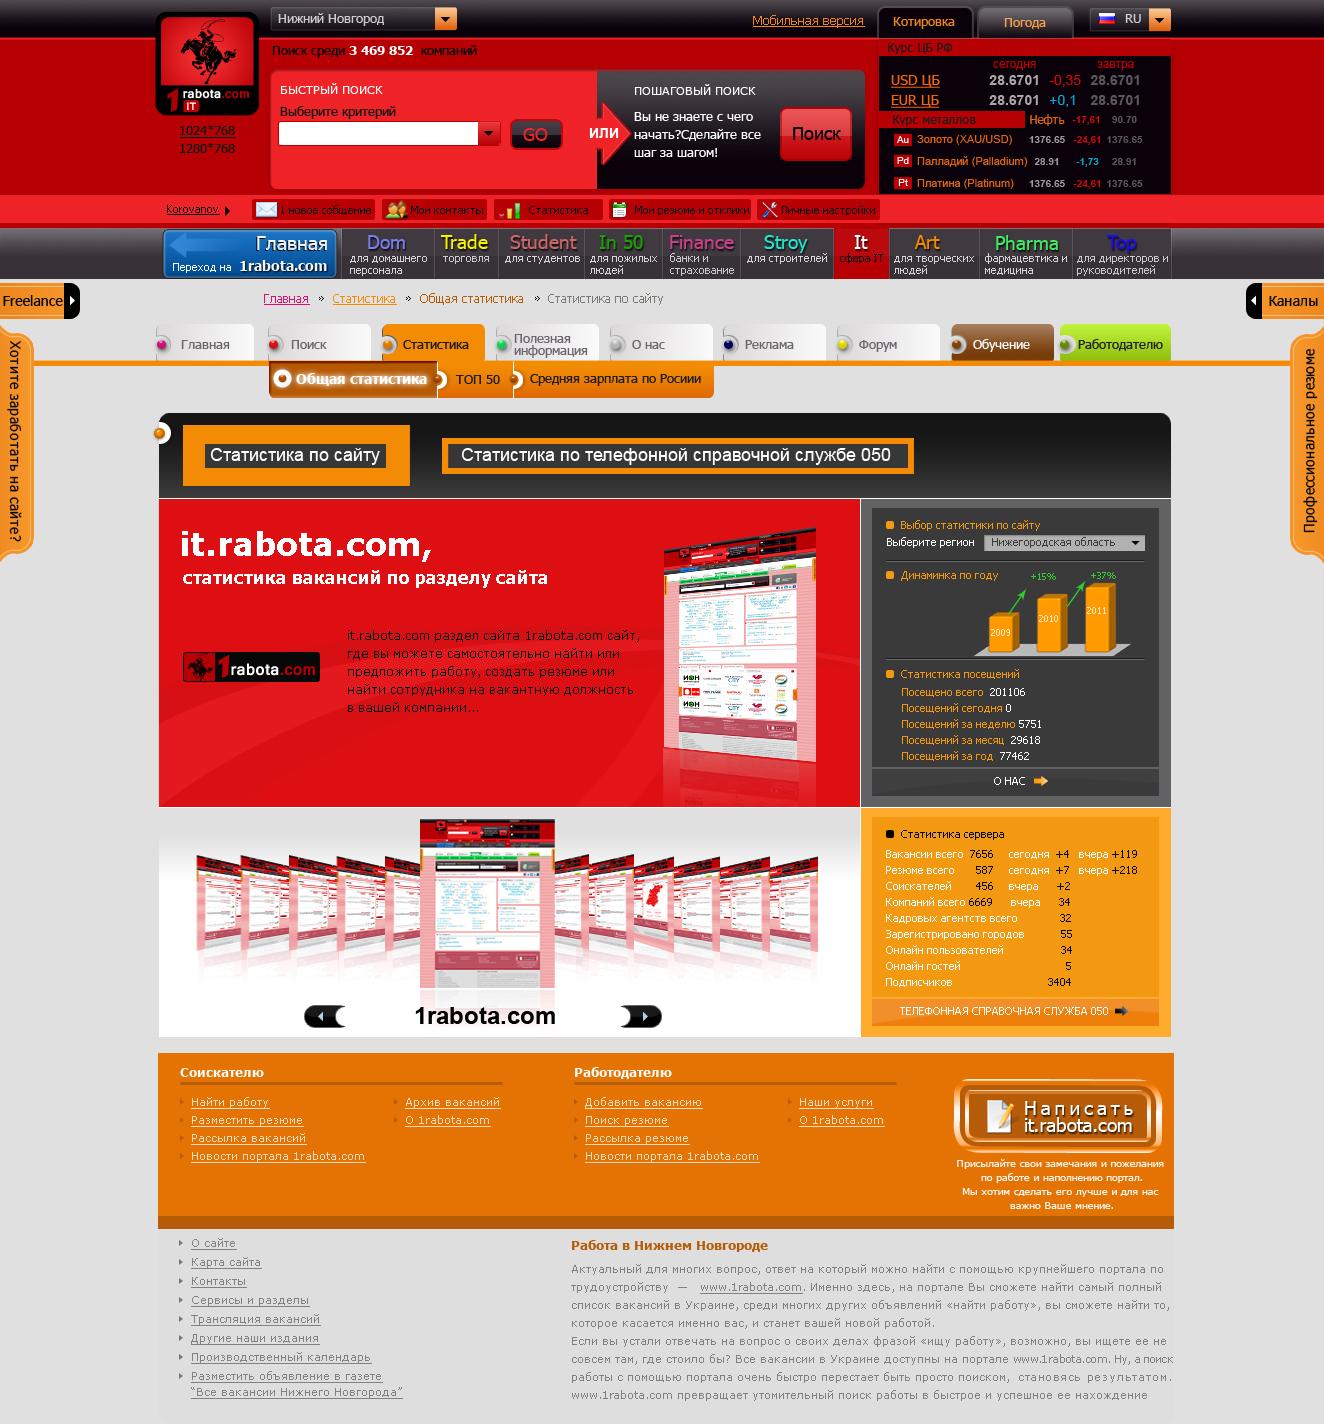 Проект 1rabota.com – специализированный канал IT, раздел Статистика по сайту